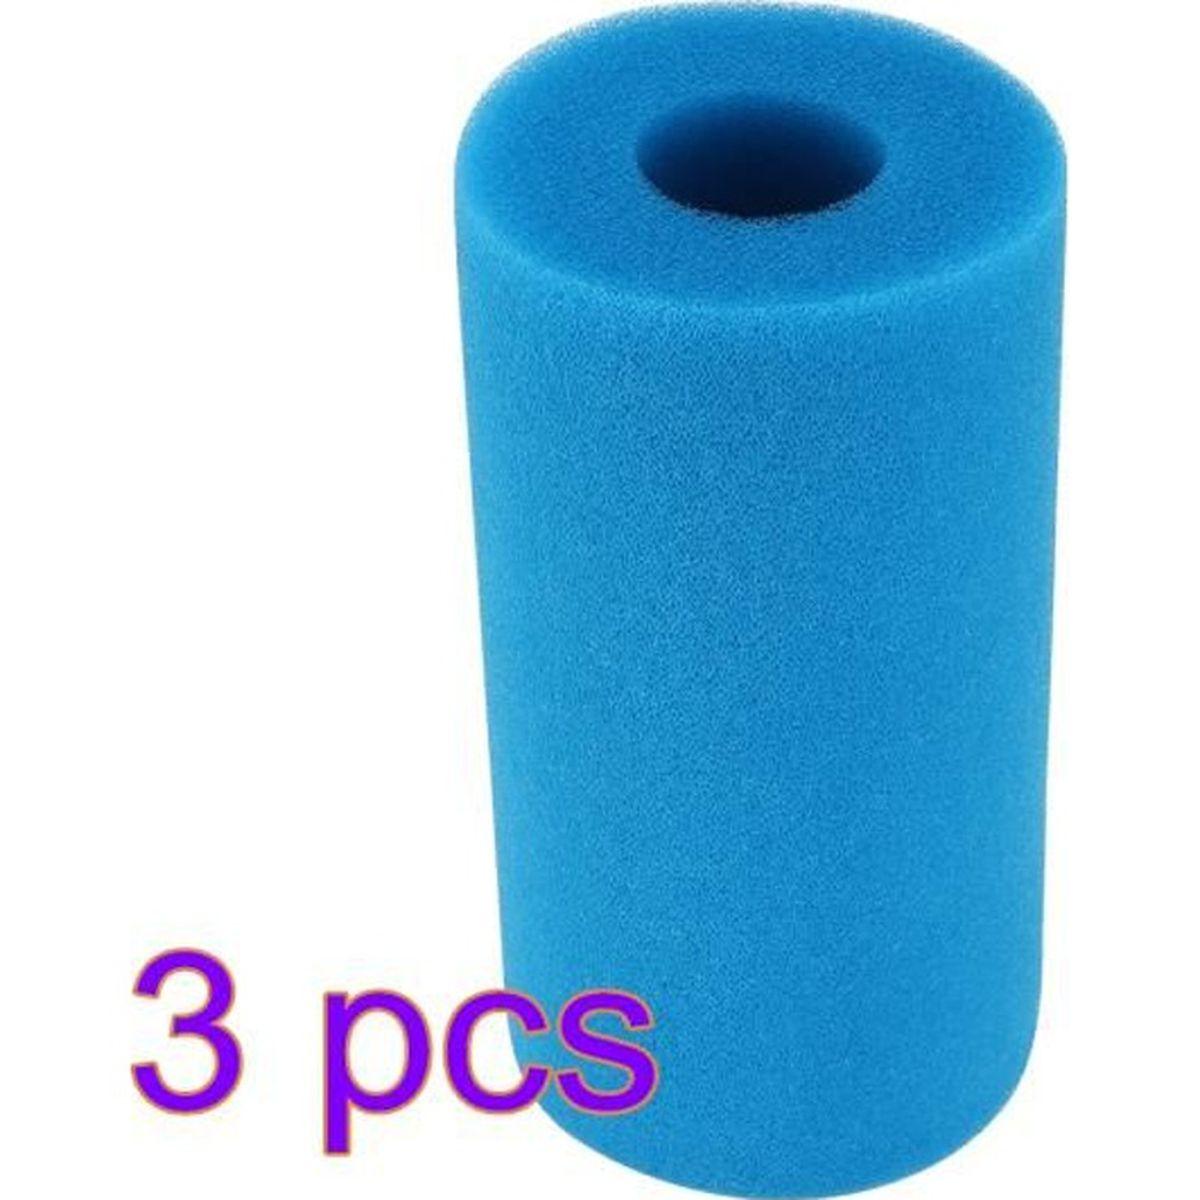 Filtre Piscine Lave Vaisselle 3pcs filtre à eau de piscine intex type a filtre de piscine